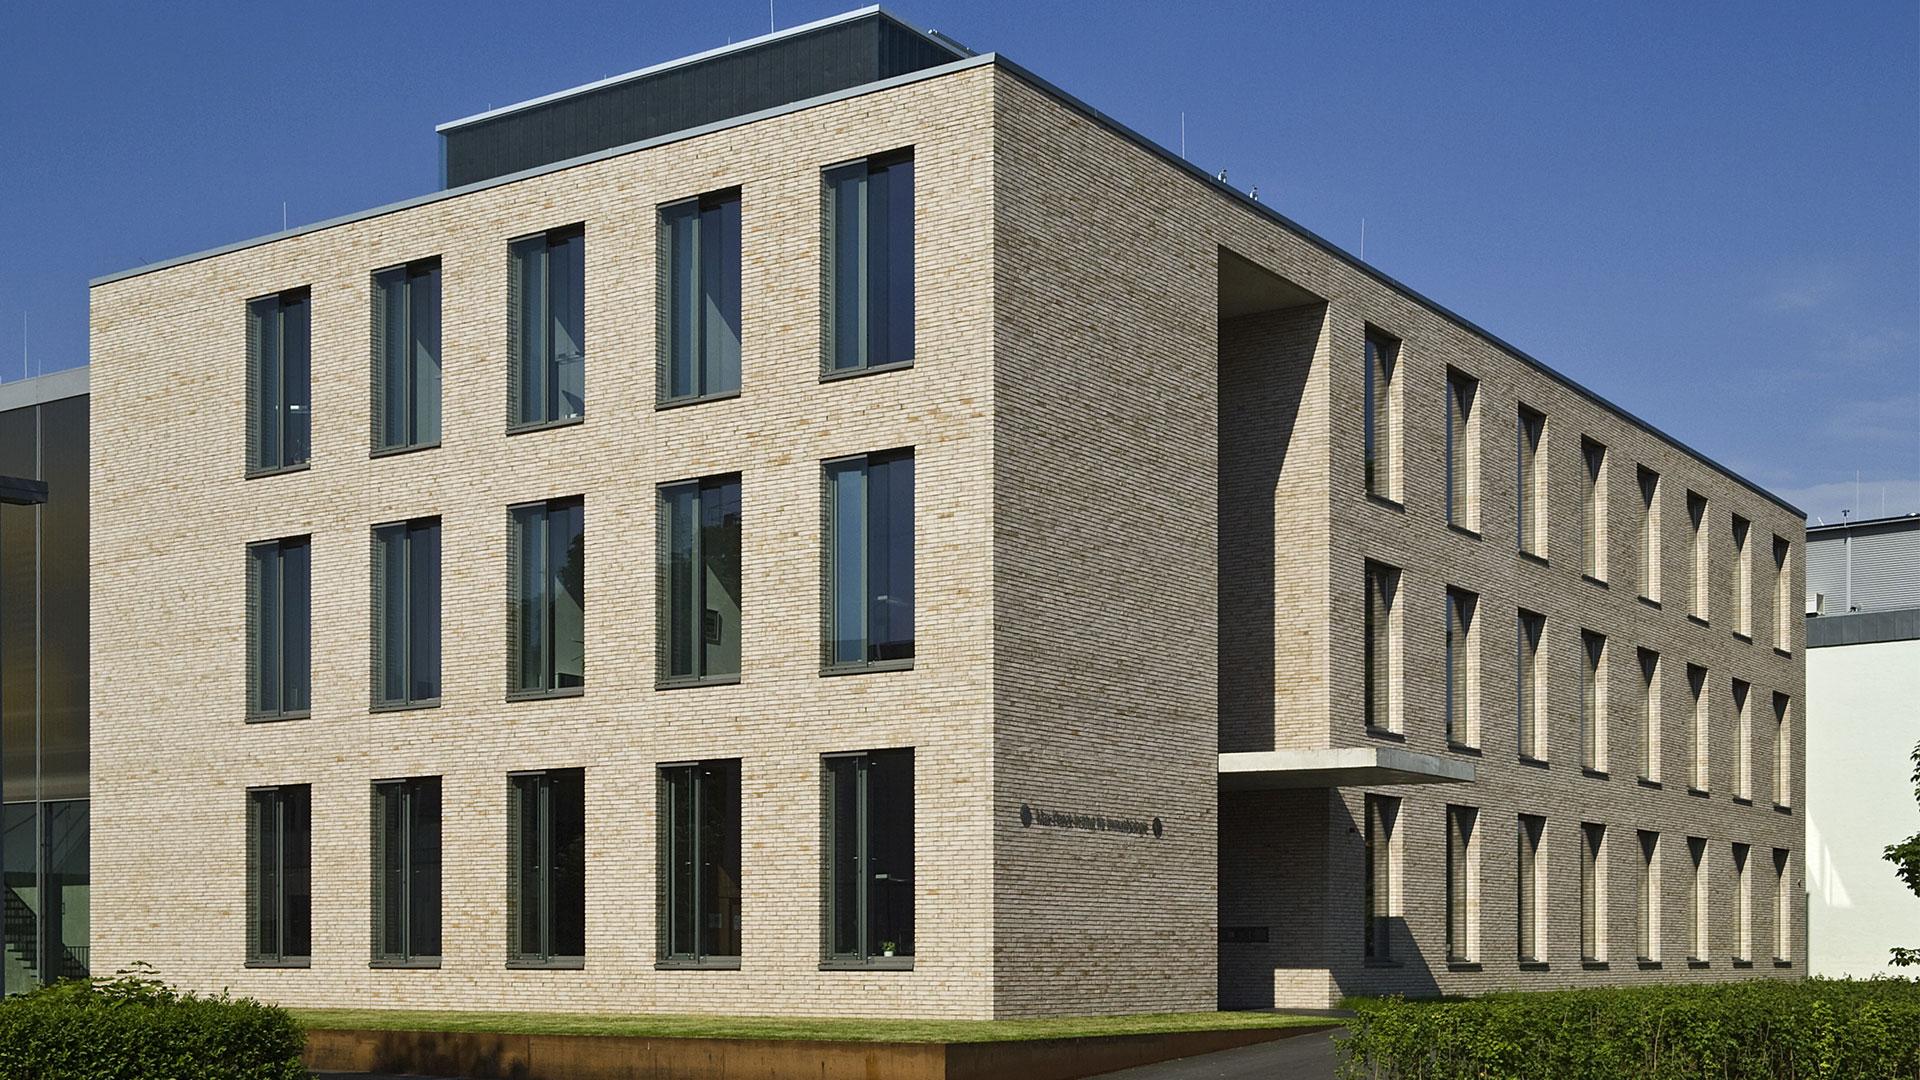 Max-Planck-Institut Freiburg 2 - ArGe Architekten